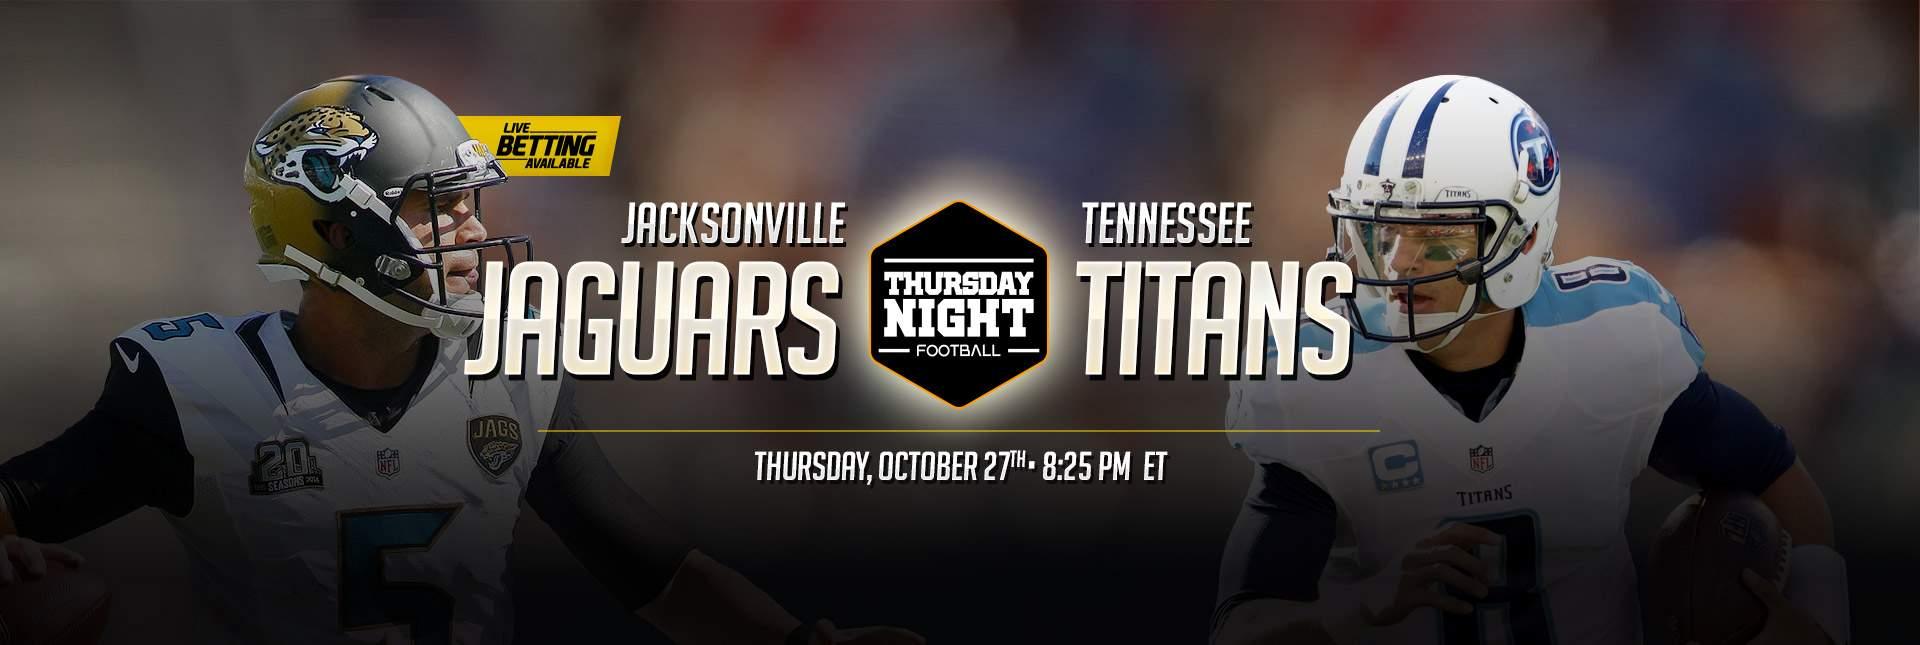 Bet on Jaguars vs Titans